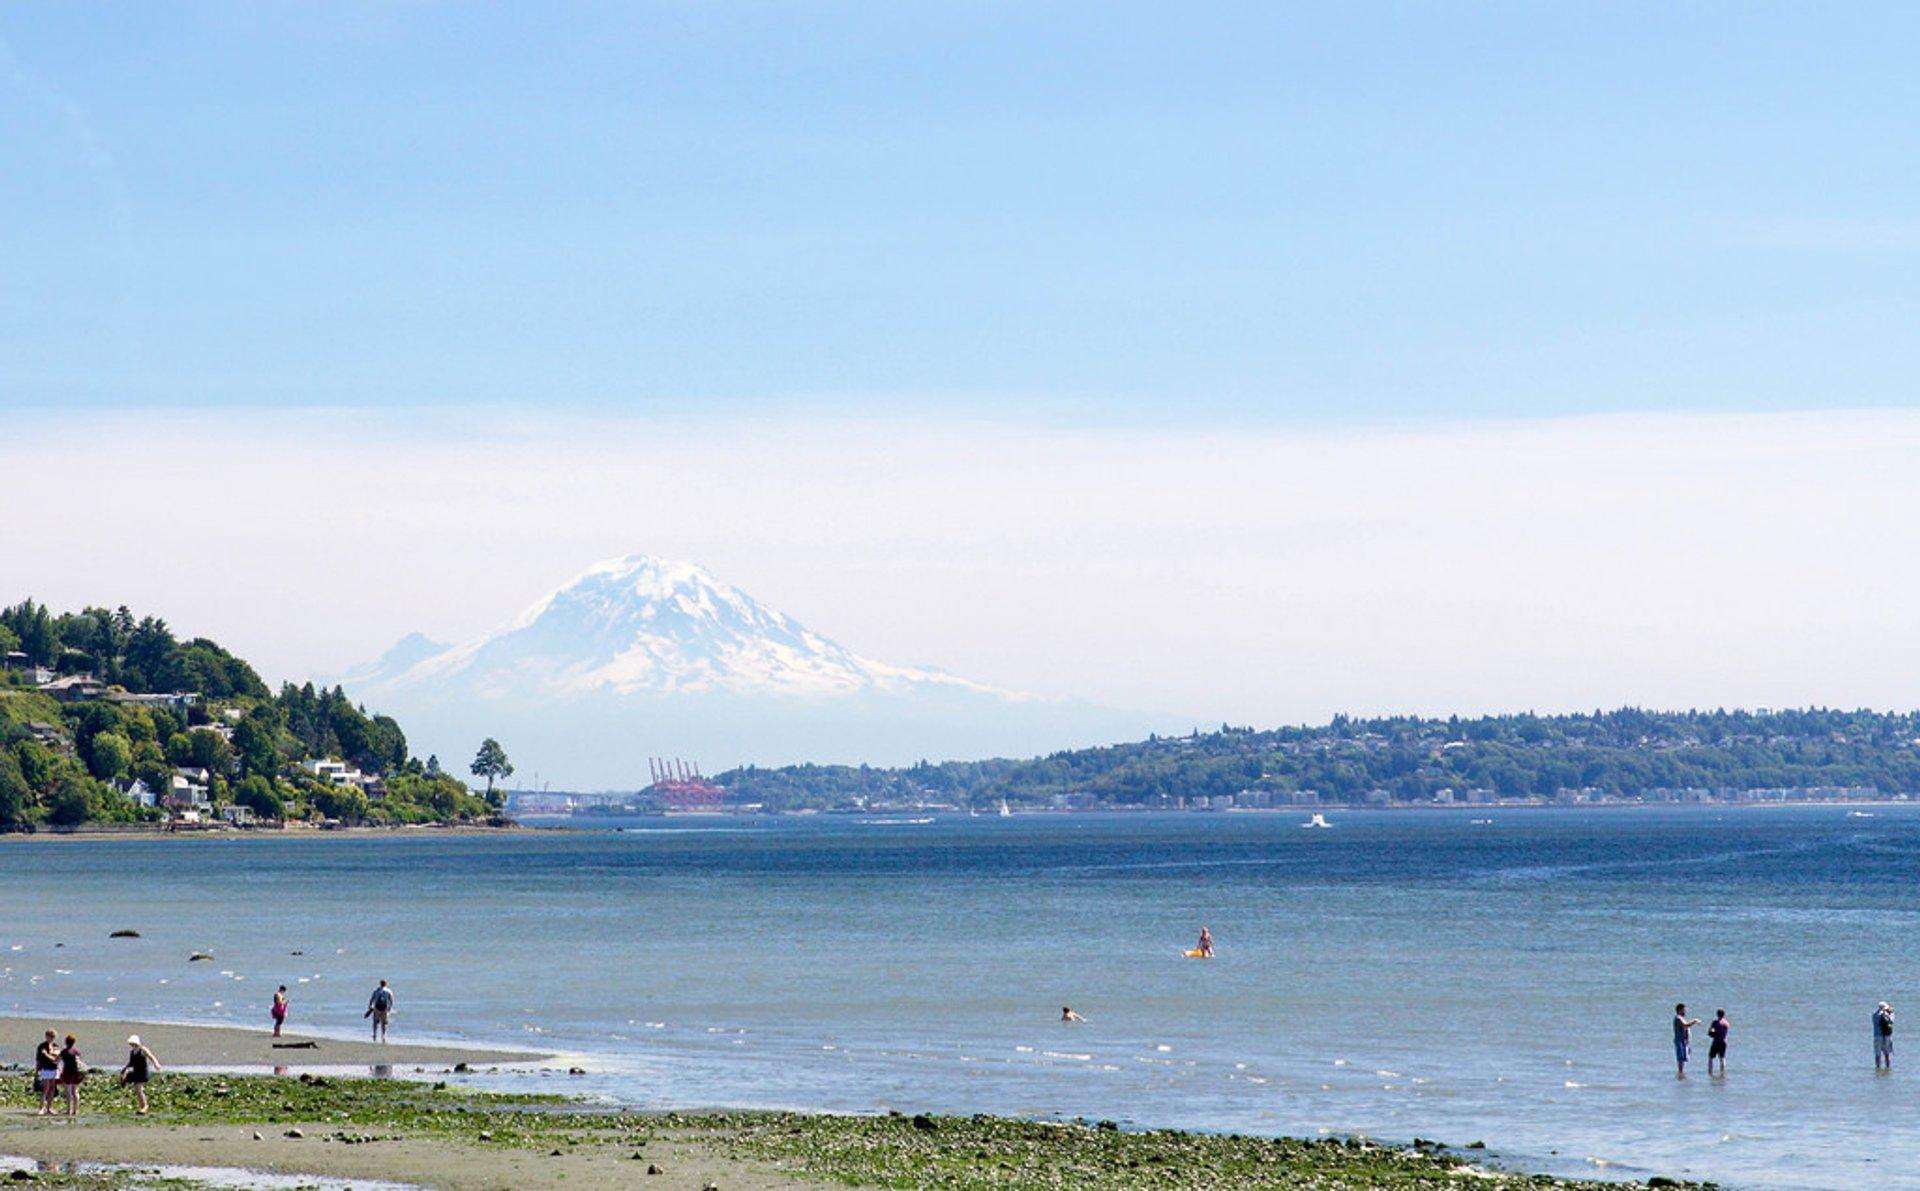 Beach Season in Seattle 2020 - Best Time